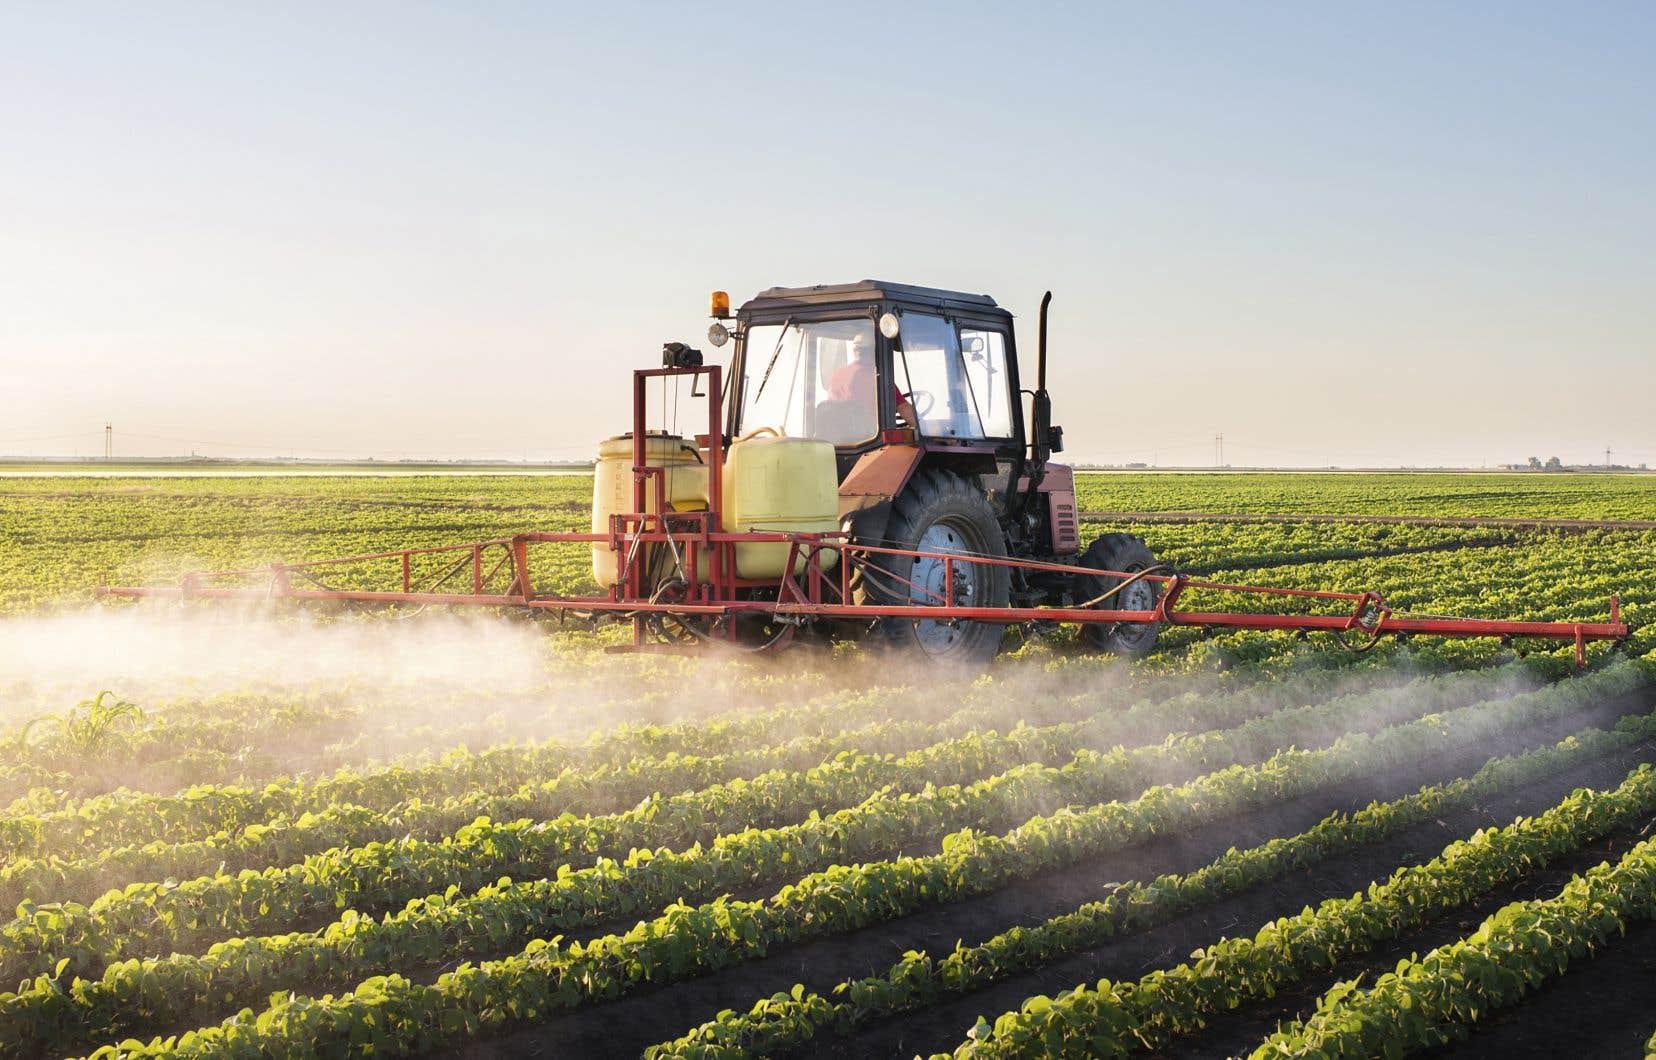 Les agronomes sont tenus de produire une «justification» qui précise notamment «les raisons» qui soutiennent l'utilisation d'un pesticide, mais aussi le nom du produit et les quantités nécessaires. Ce document doit être conservé par l'agriculteur.